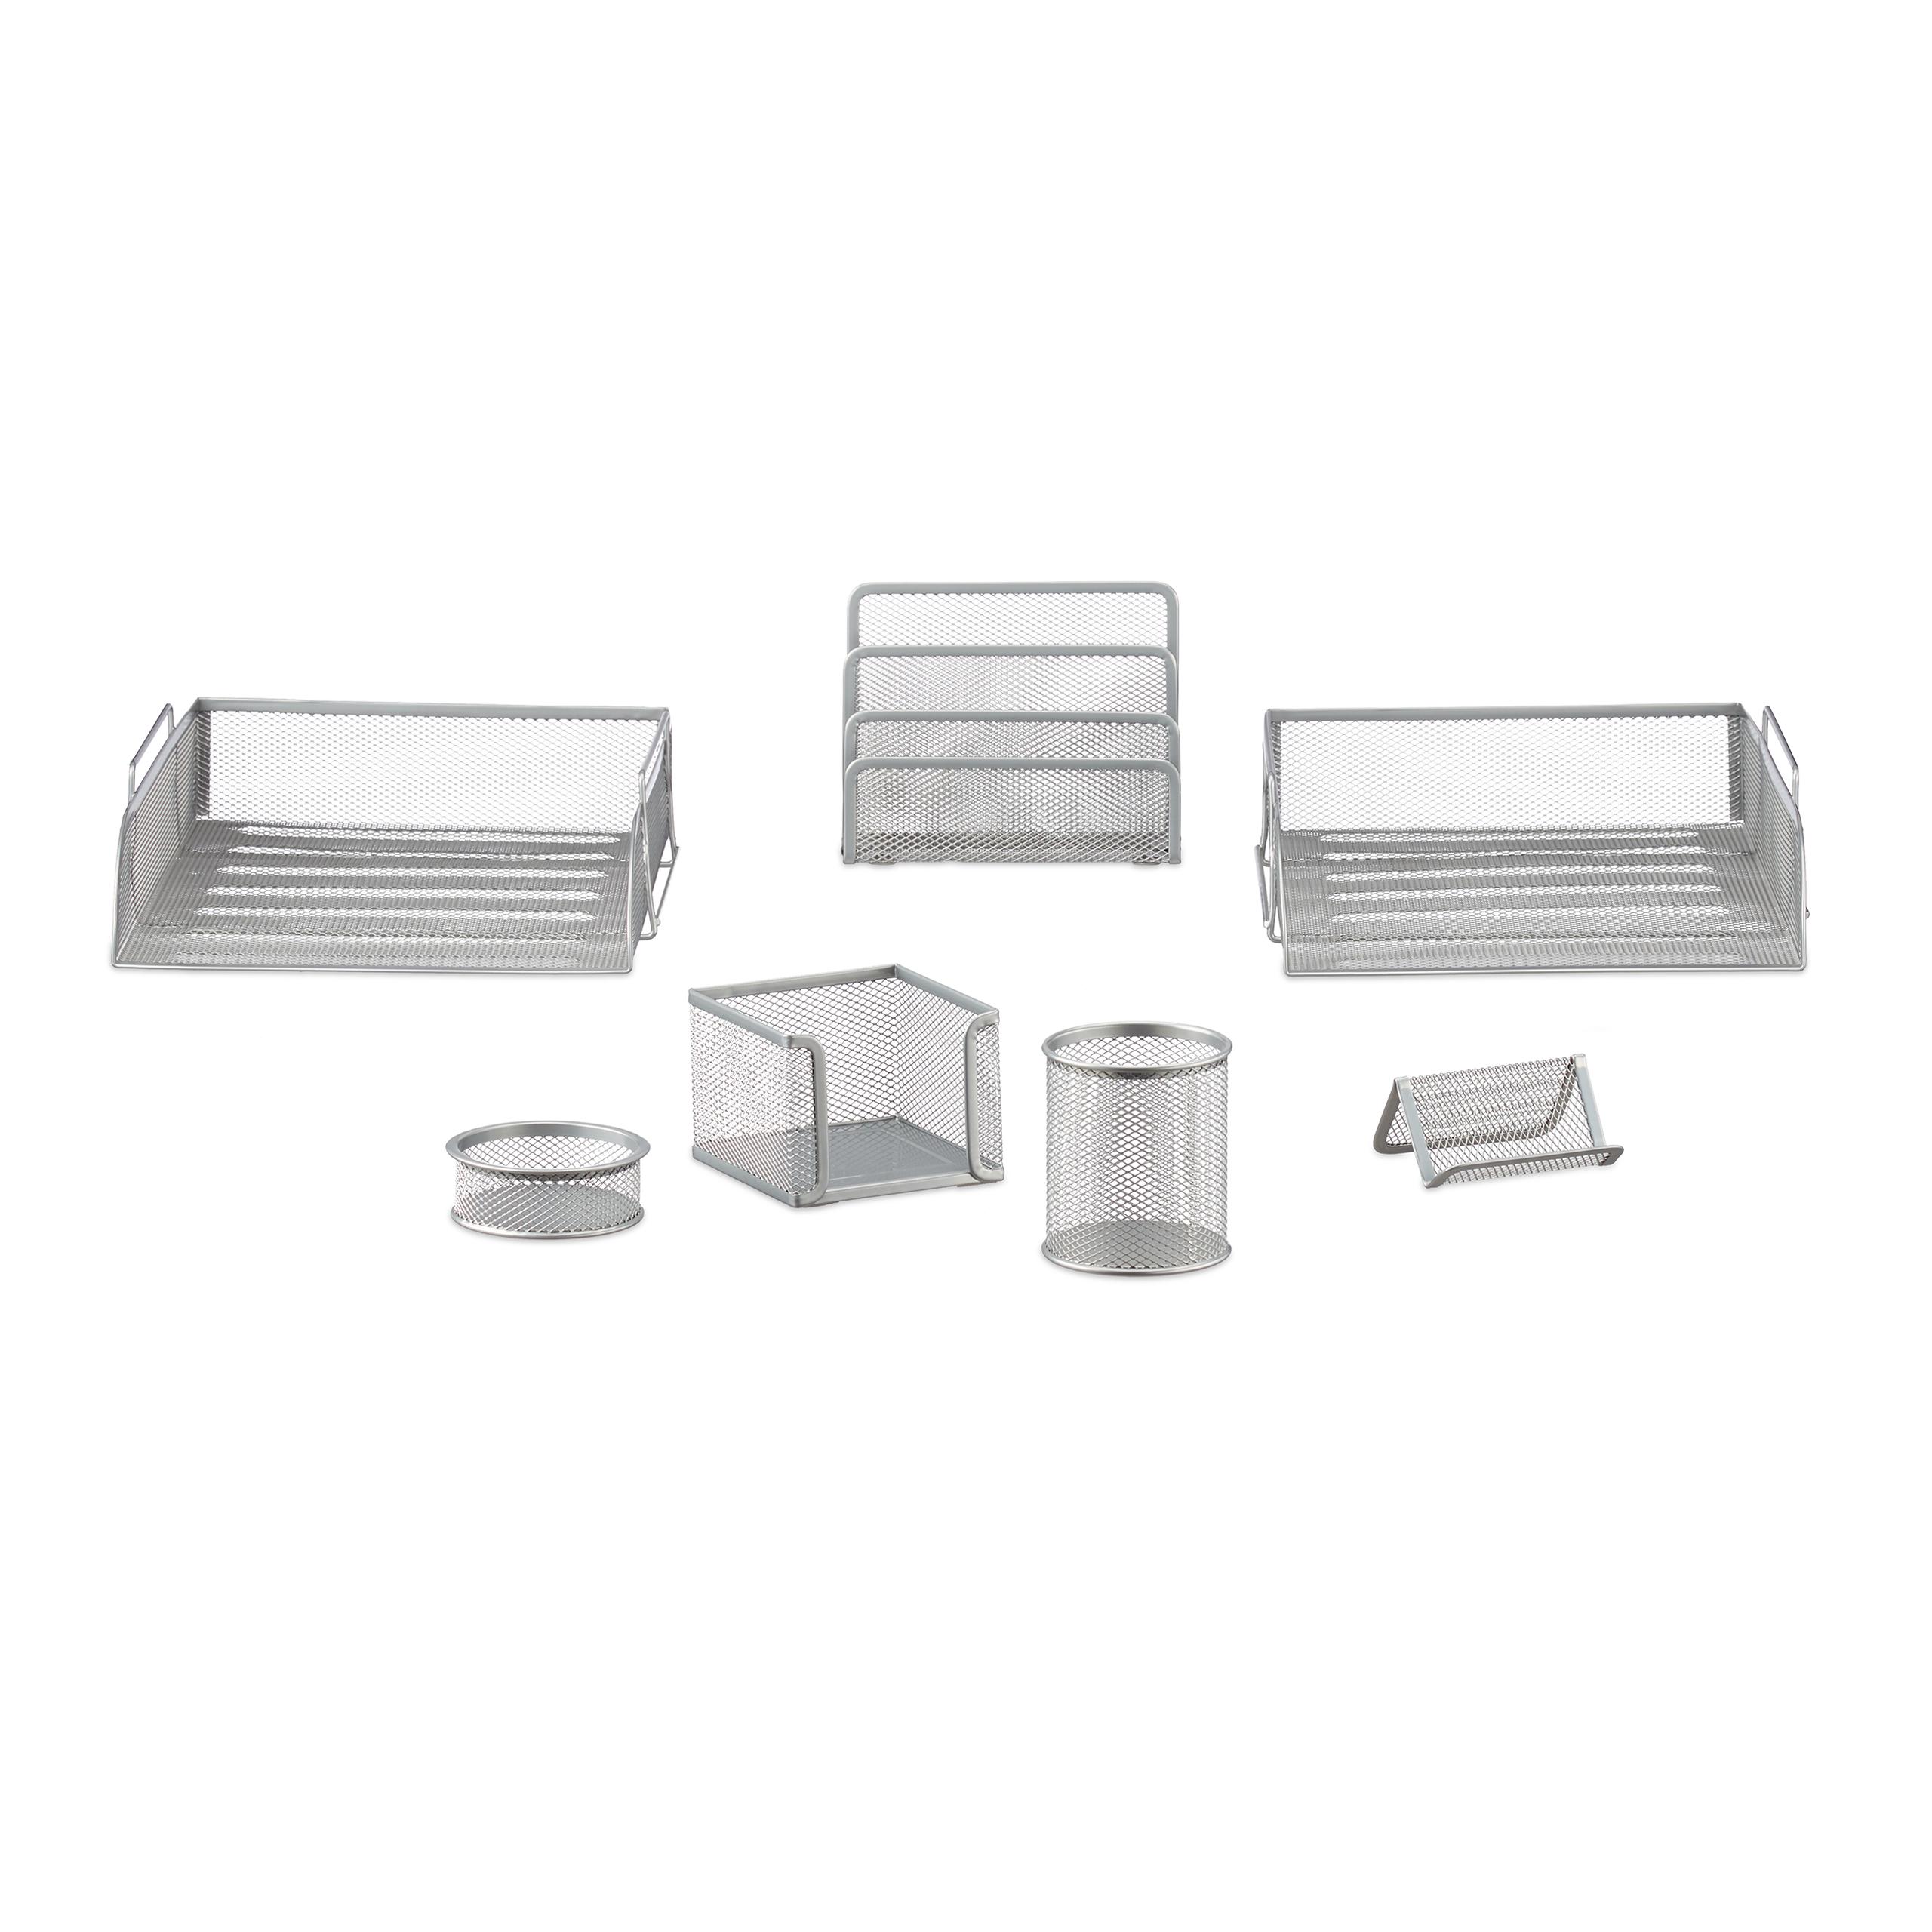 7-teilig Büroset Stifteköcher Zettelbox Briefablagen Schreibtisch Organizer Set